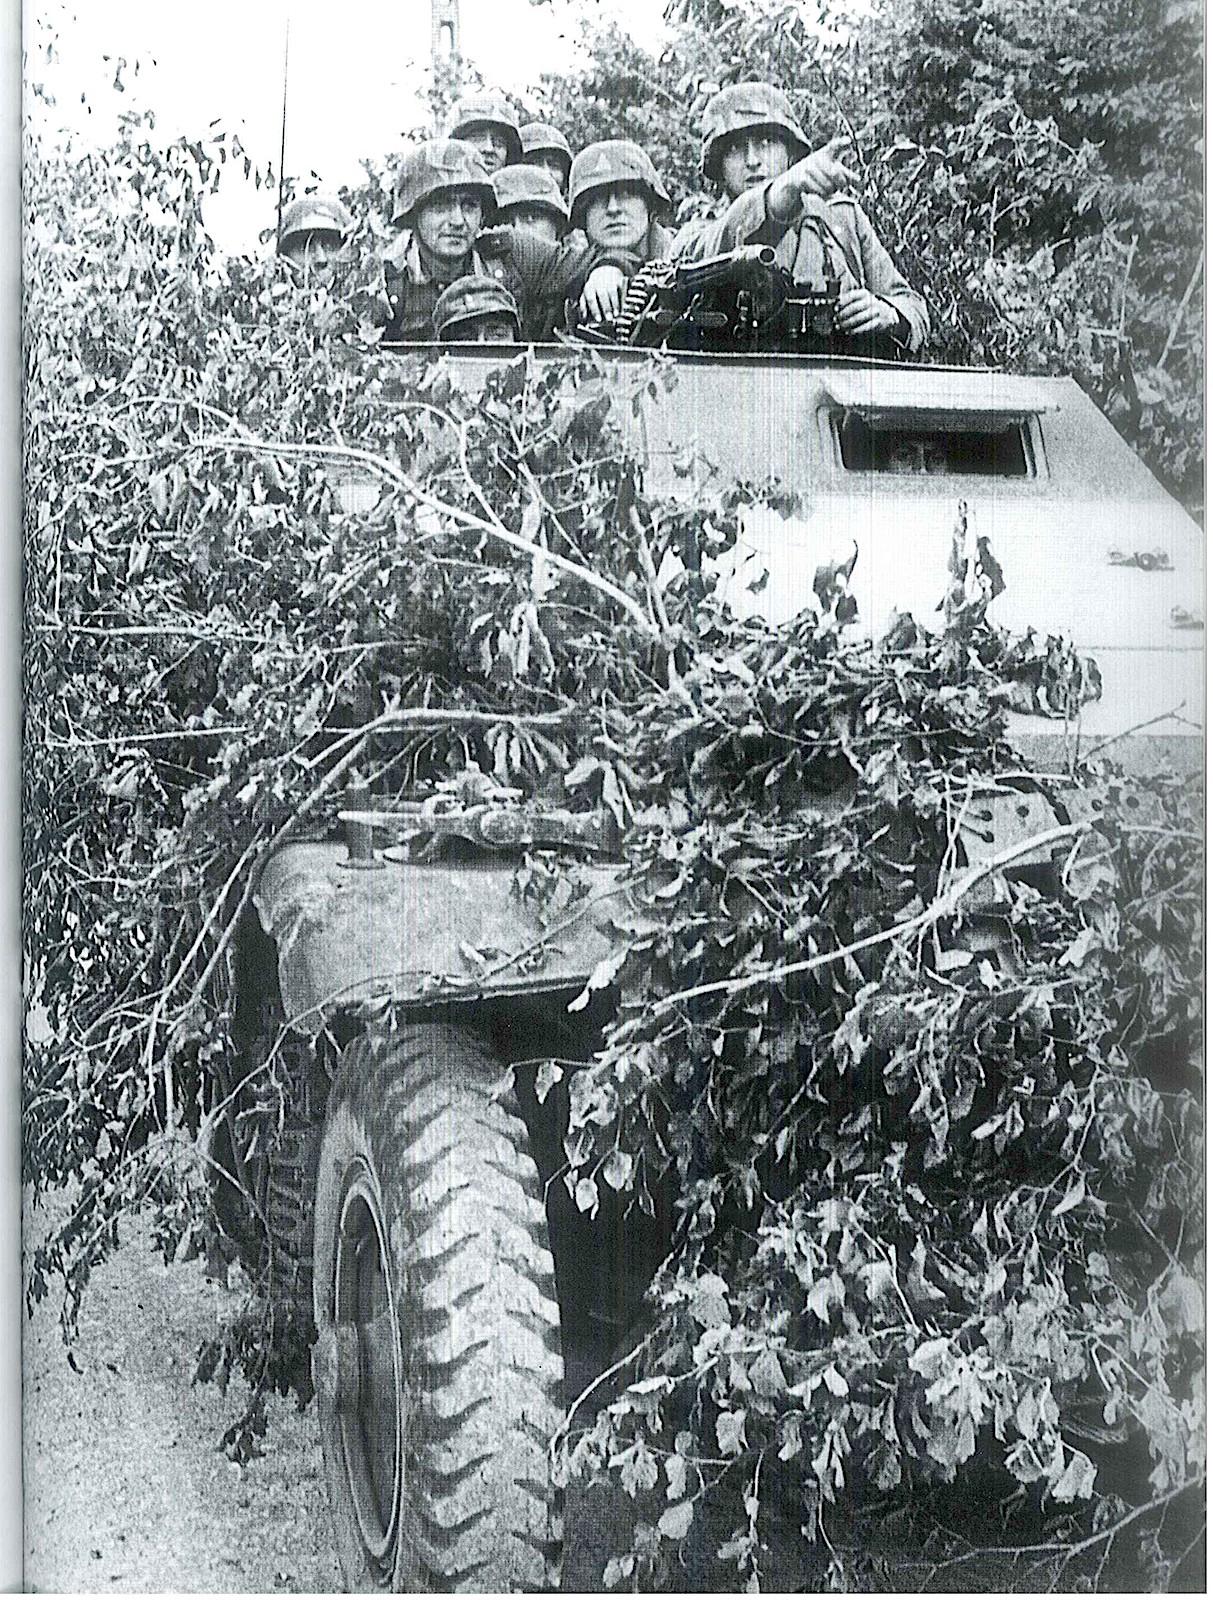 29th Panzergrenadier Regiment/3rd Panzergrenadier Division ...